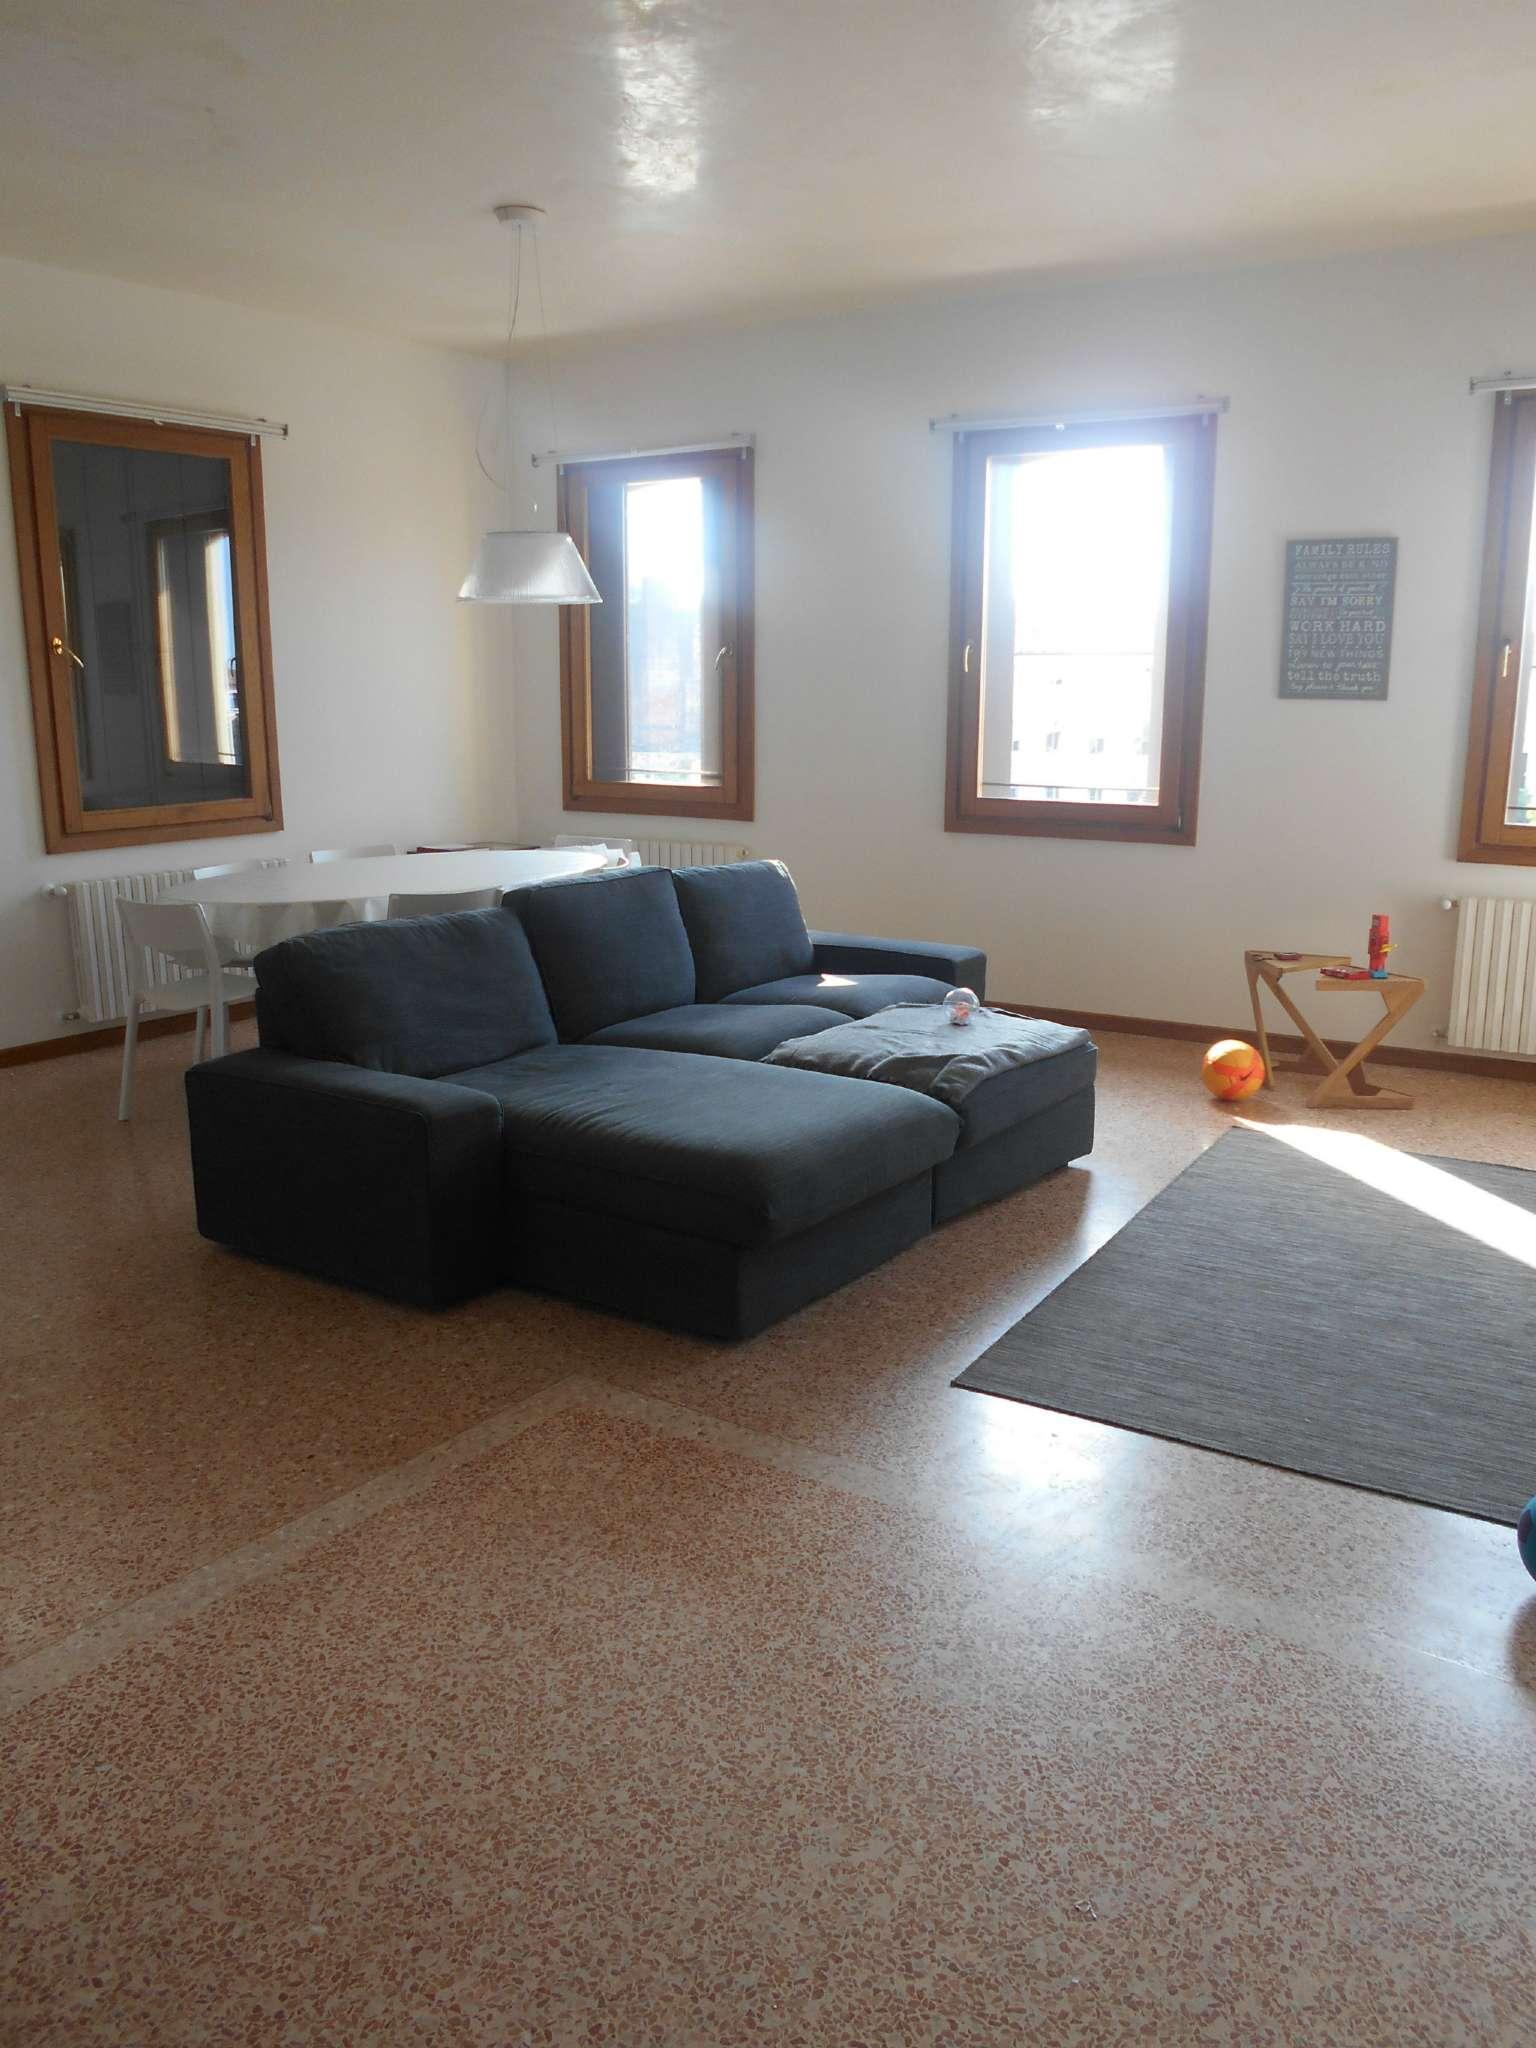 Appartamento in affitto a Castelfranco Veneto, 6 locali, prezzo € 1.000 | CambioCasa.it